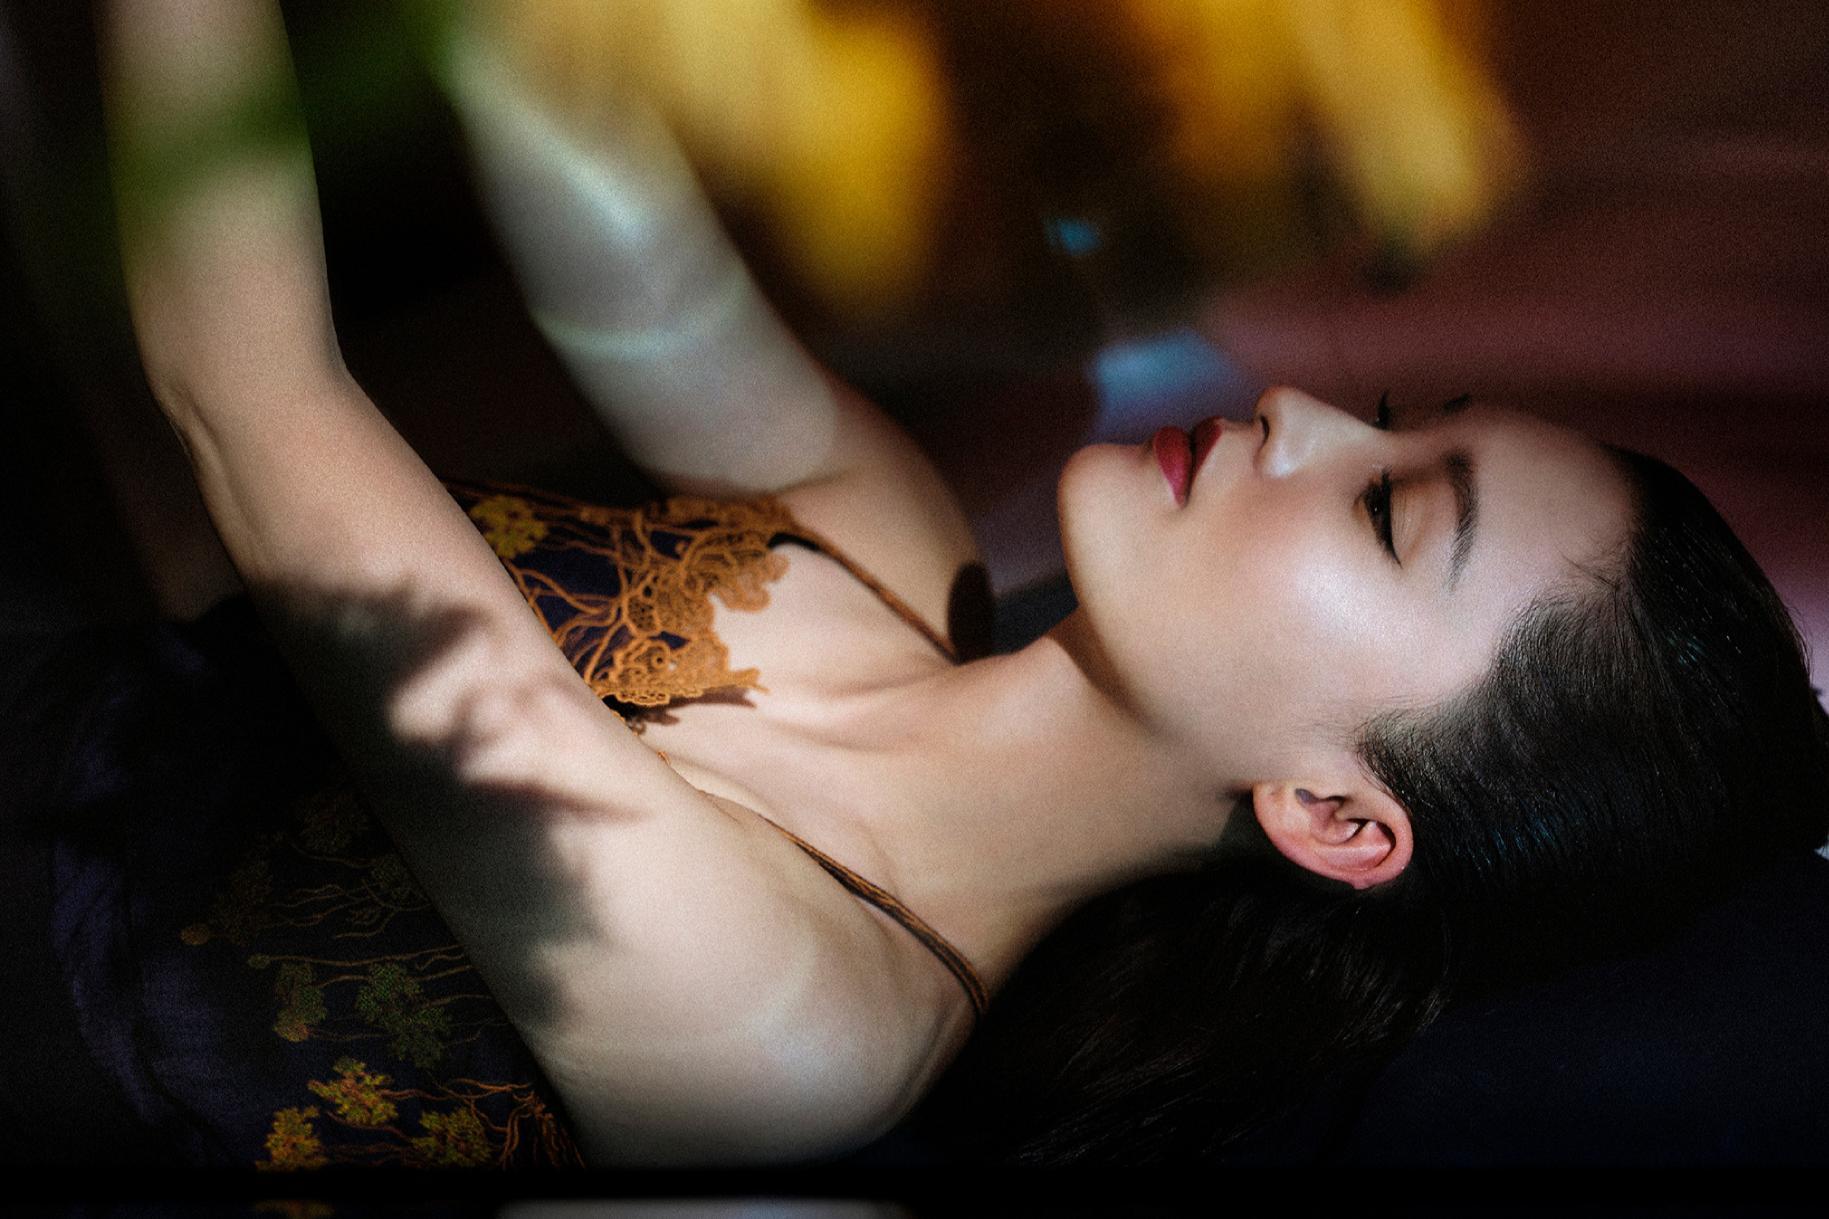 29岁李沁一改清纯路线,写真穿吊带长裙小漏香肩,冷艳霸气获好评